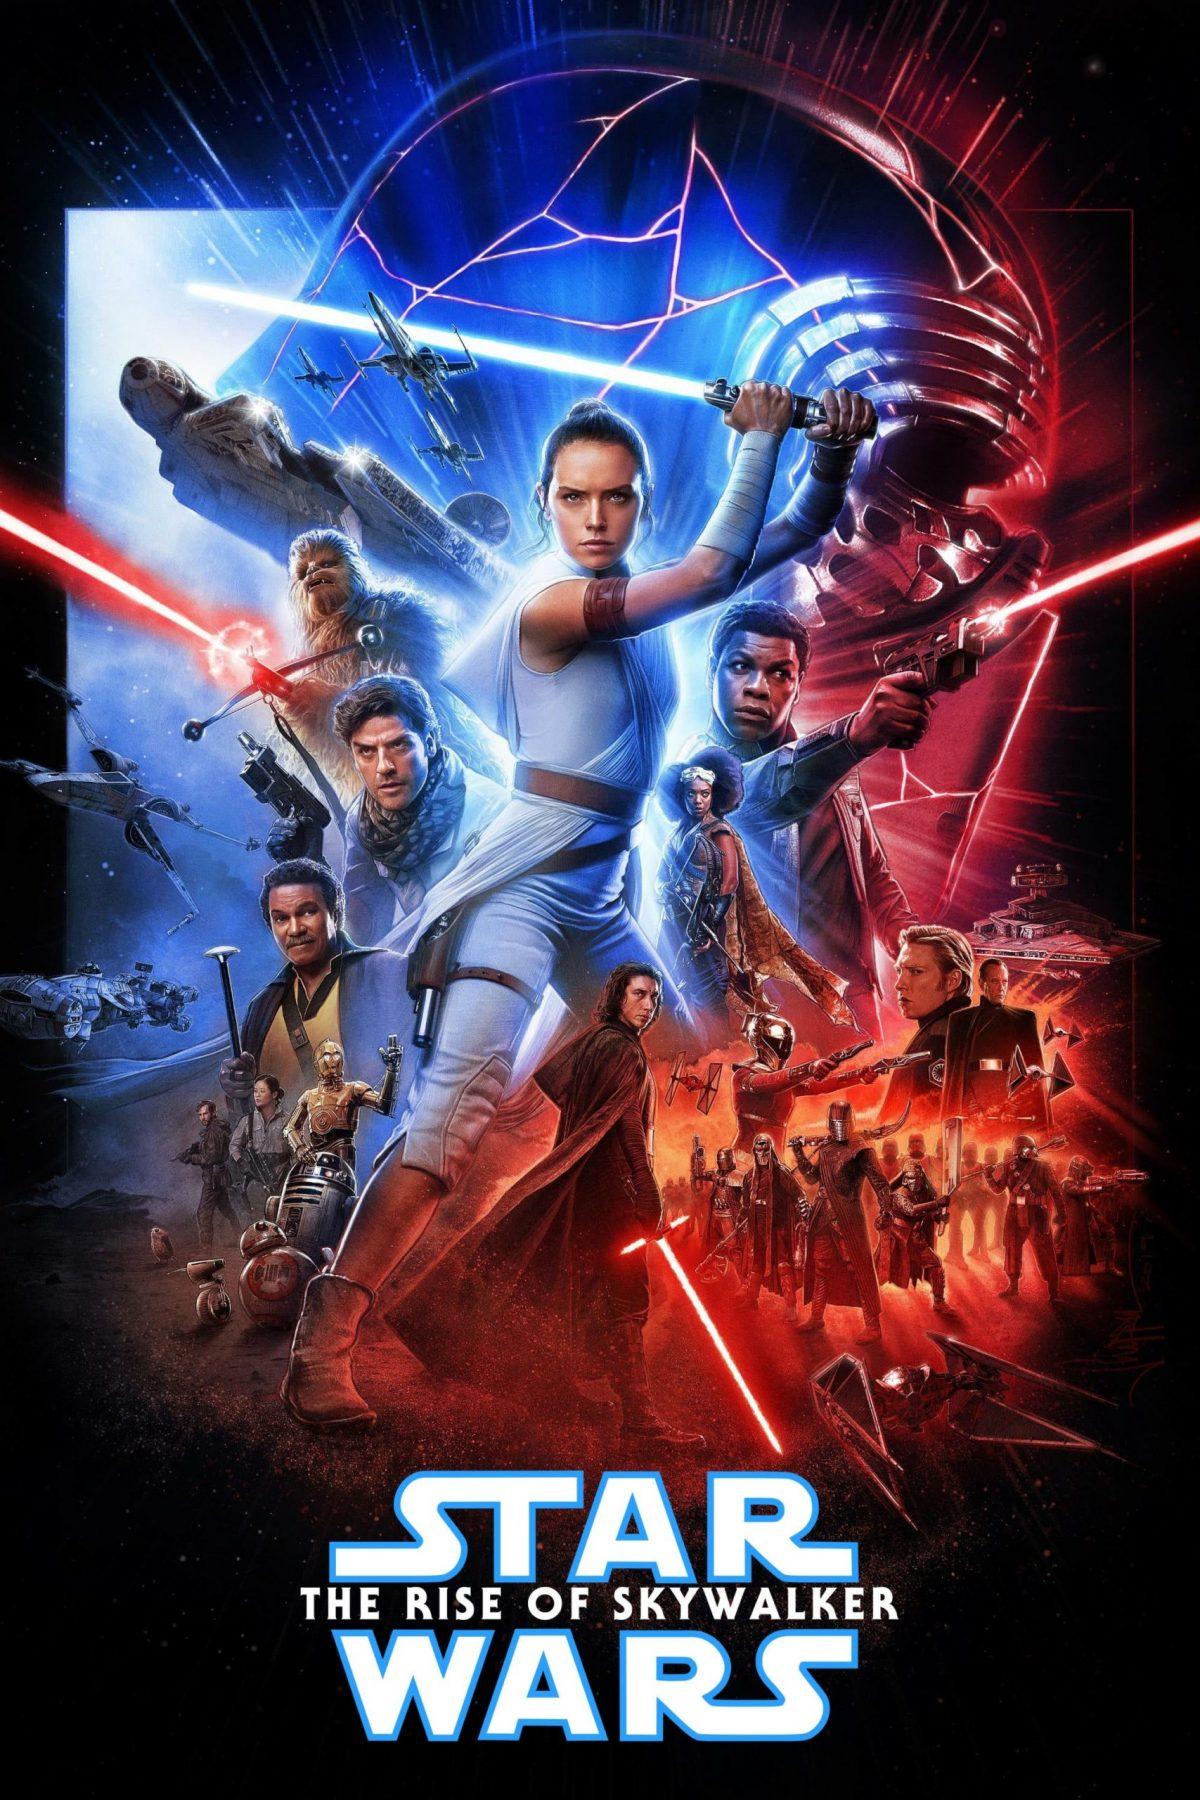 ดูหนังใหม่ชนโรง Star Wars 9 The Rise of Skywalker HD เต็มเรื่องพากย์ไทย หนังฝรั่ง บู๊แอคชั่นมันส์ๆ